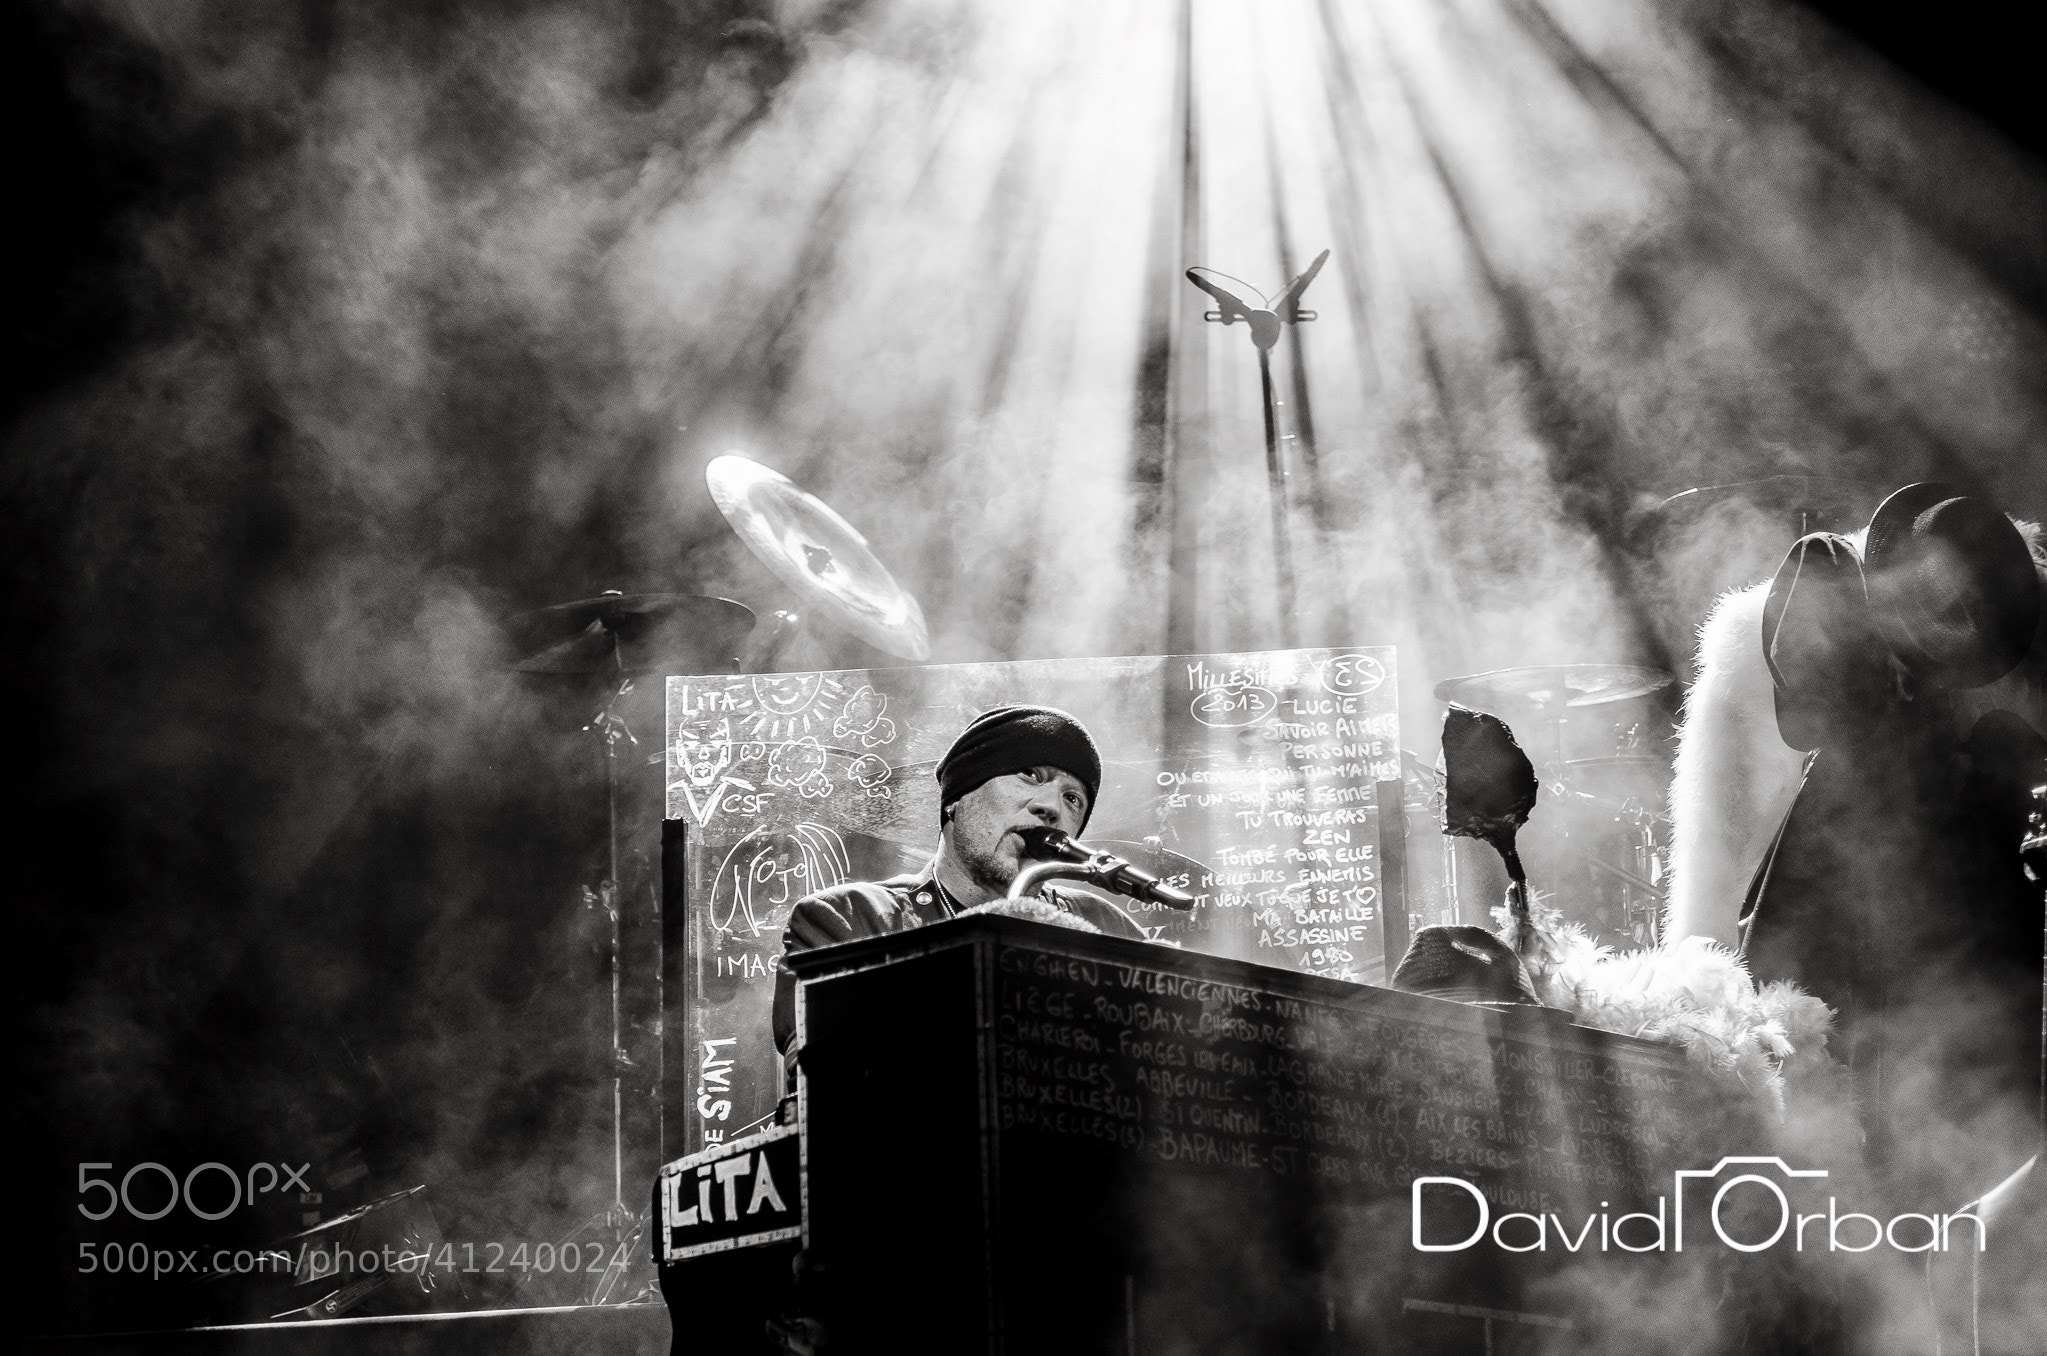 Photograph Pascal Obispo - Francofolies de Spa 2013 by David Orban-Photographe on 500px